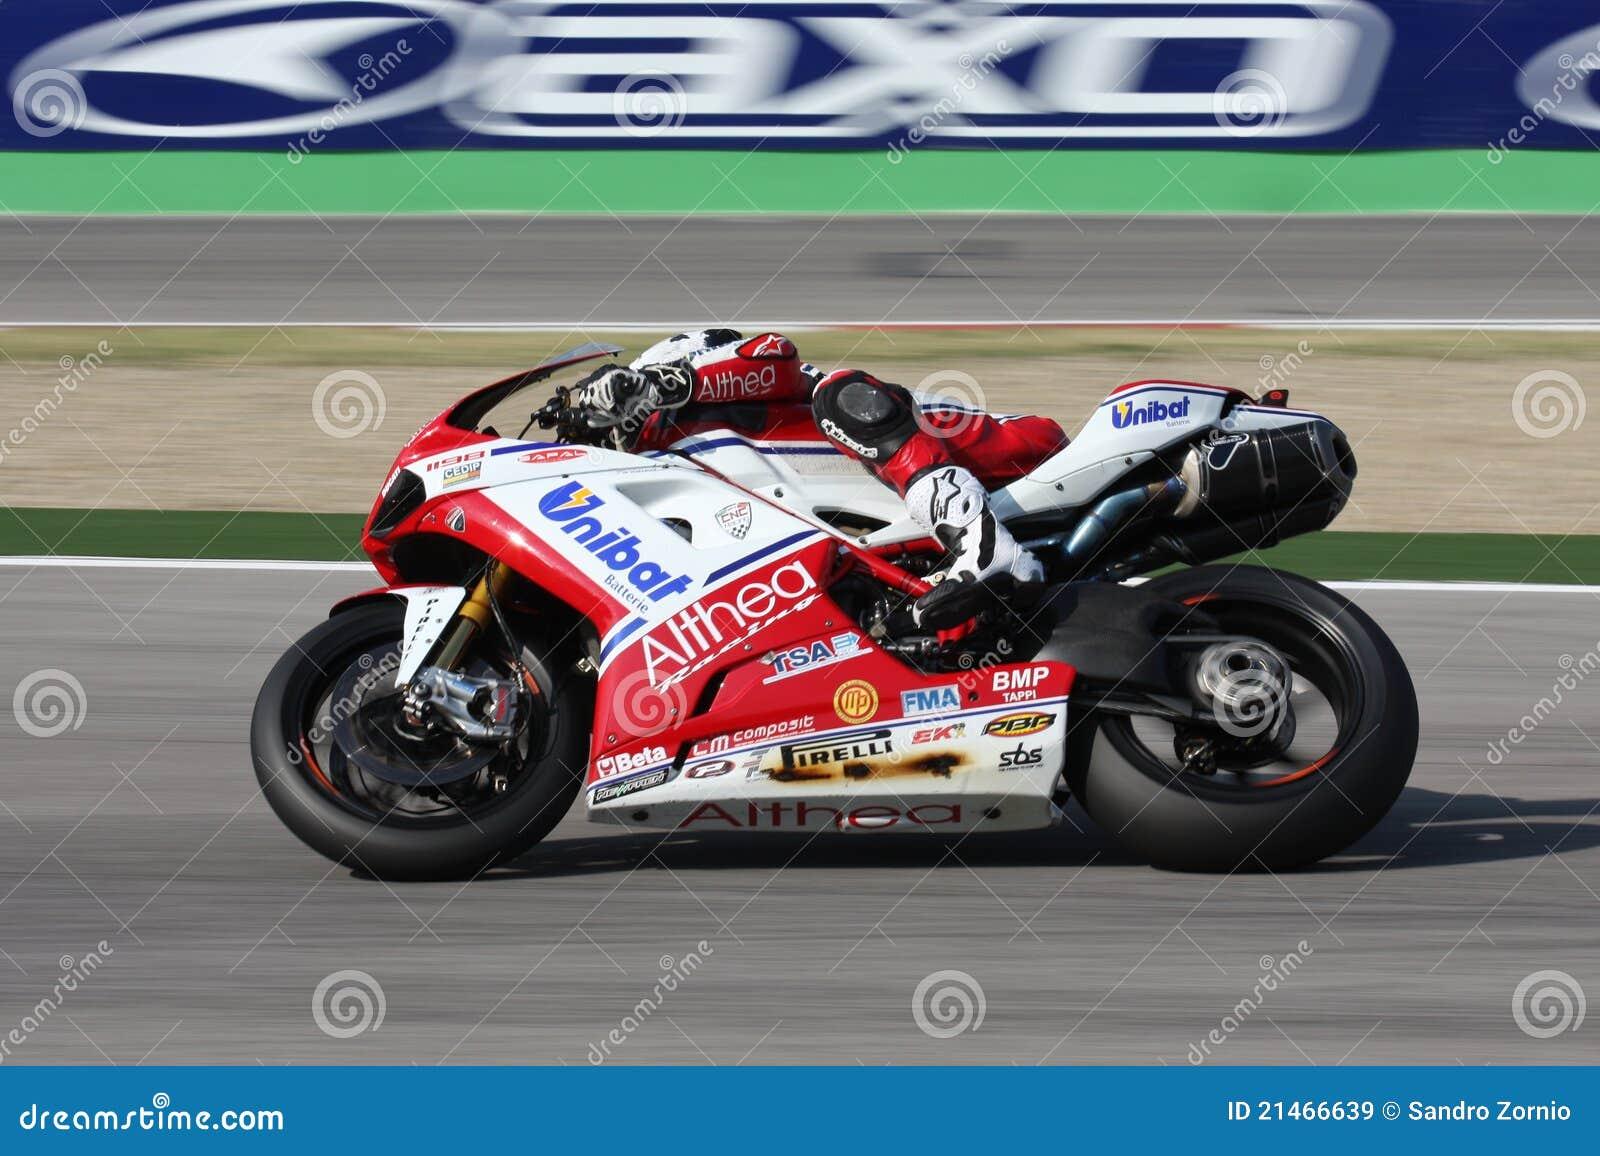 Carlos Checa - Ducati 1098R - corsa di Althea